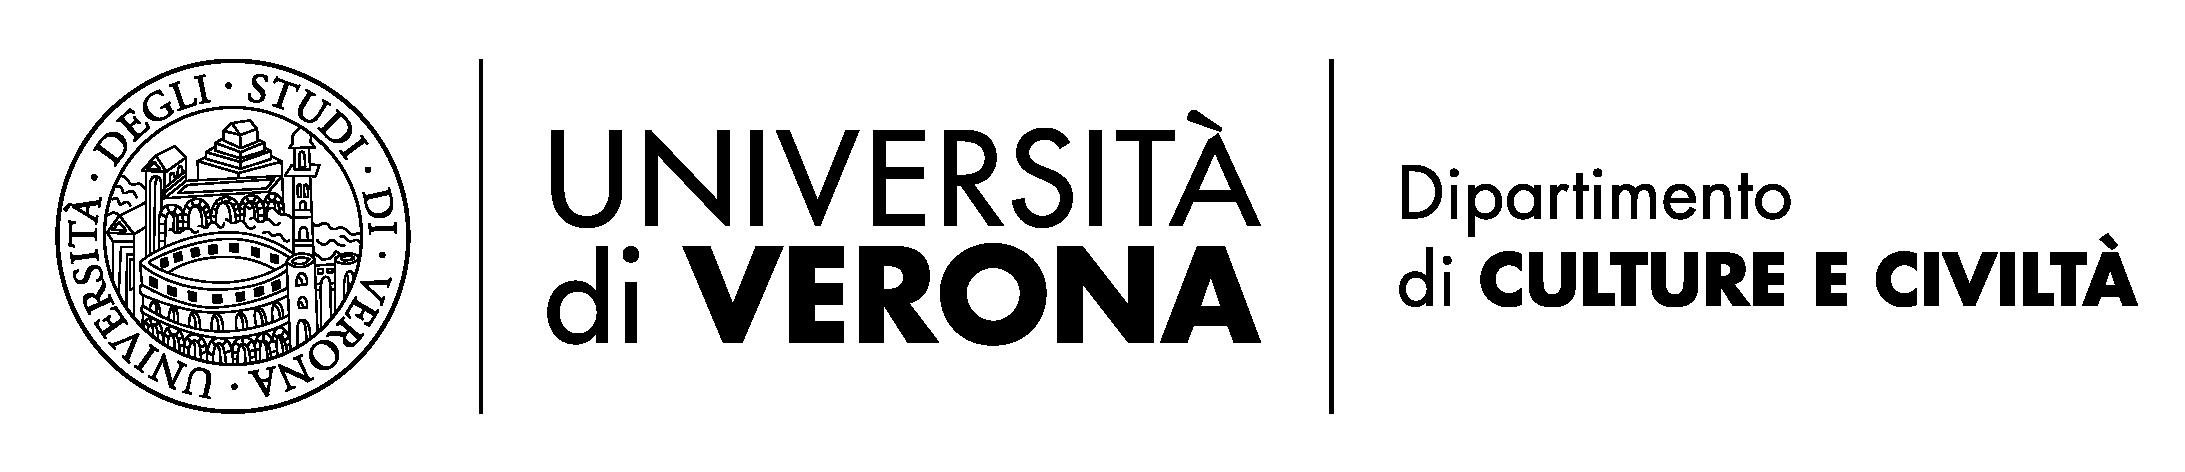 A-Logo_Univr_Dip_Culture_2016-01